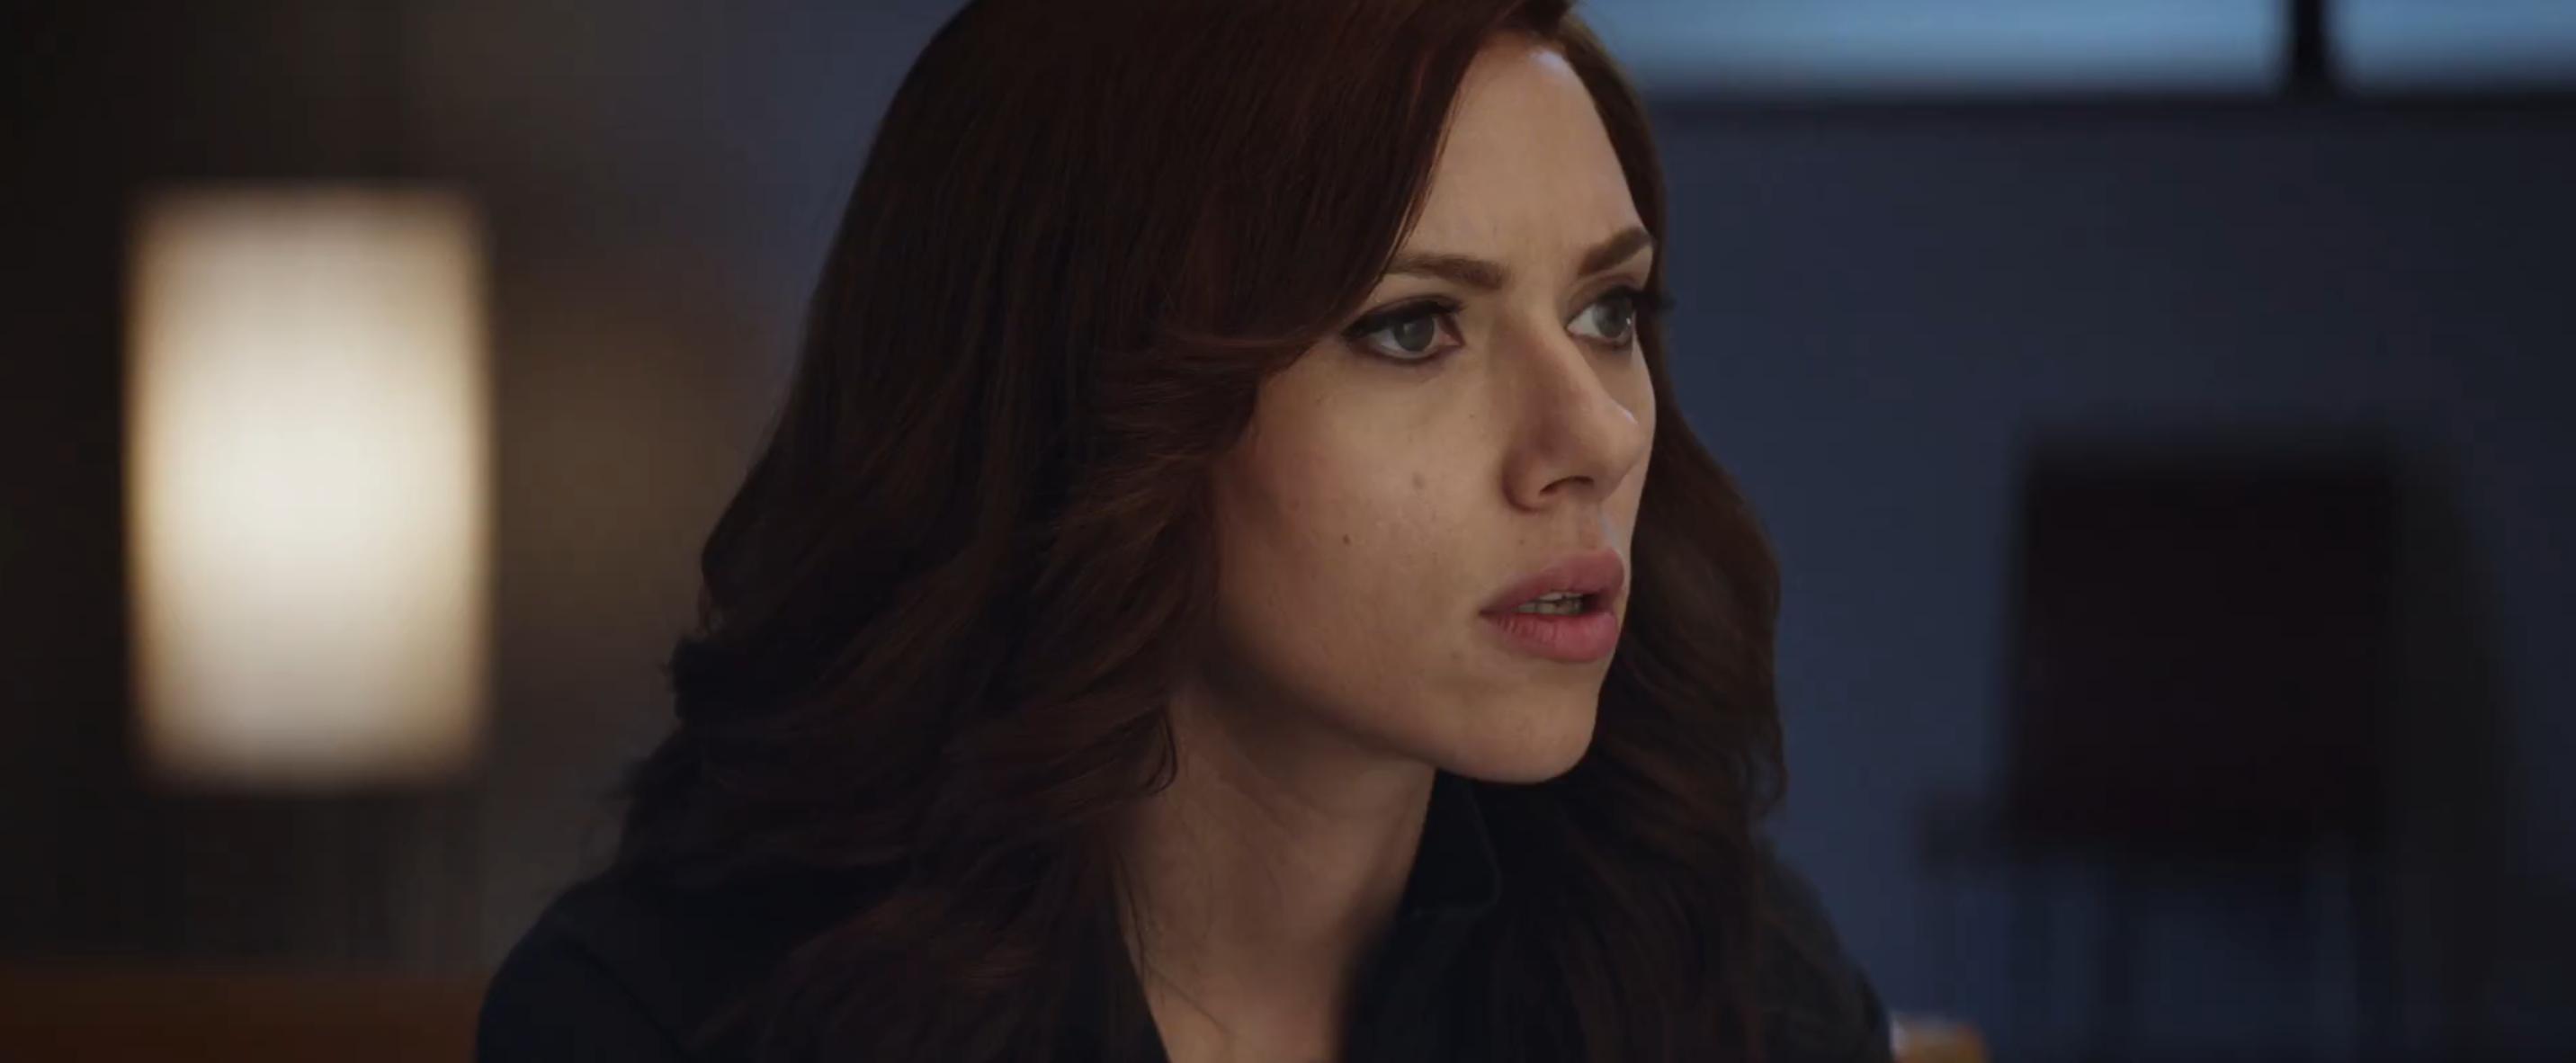 Captain America: Civil War: Scarlett Johansson nel trailer 2 del film